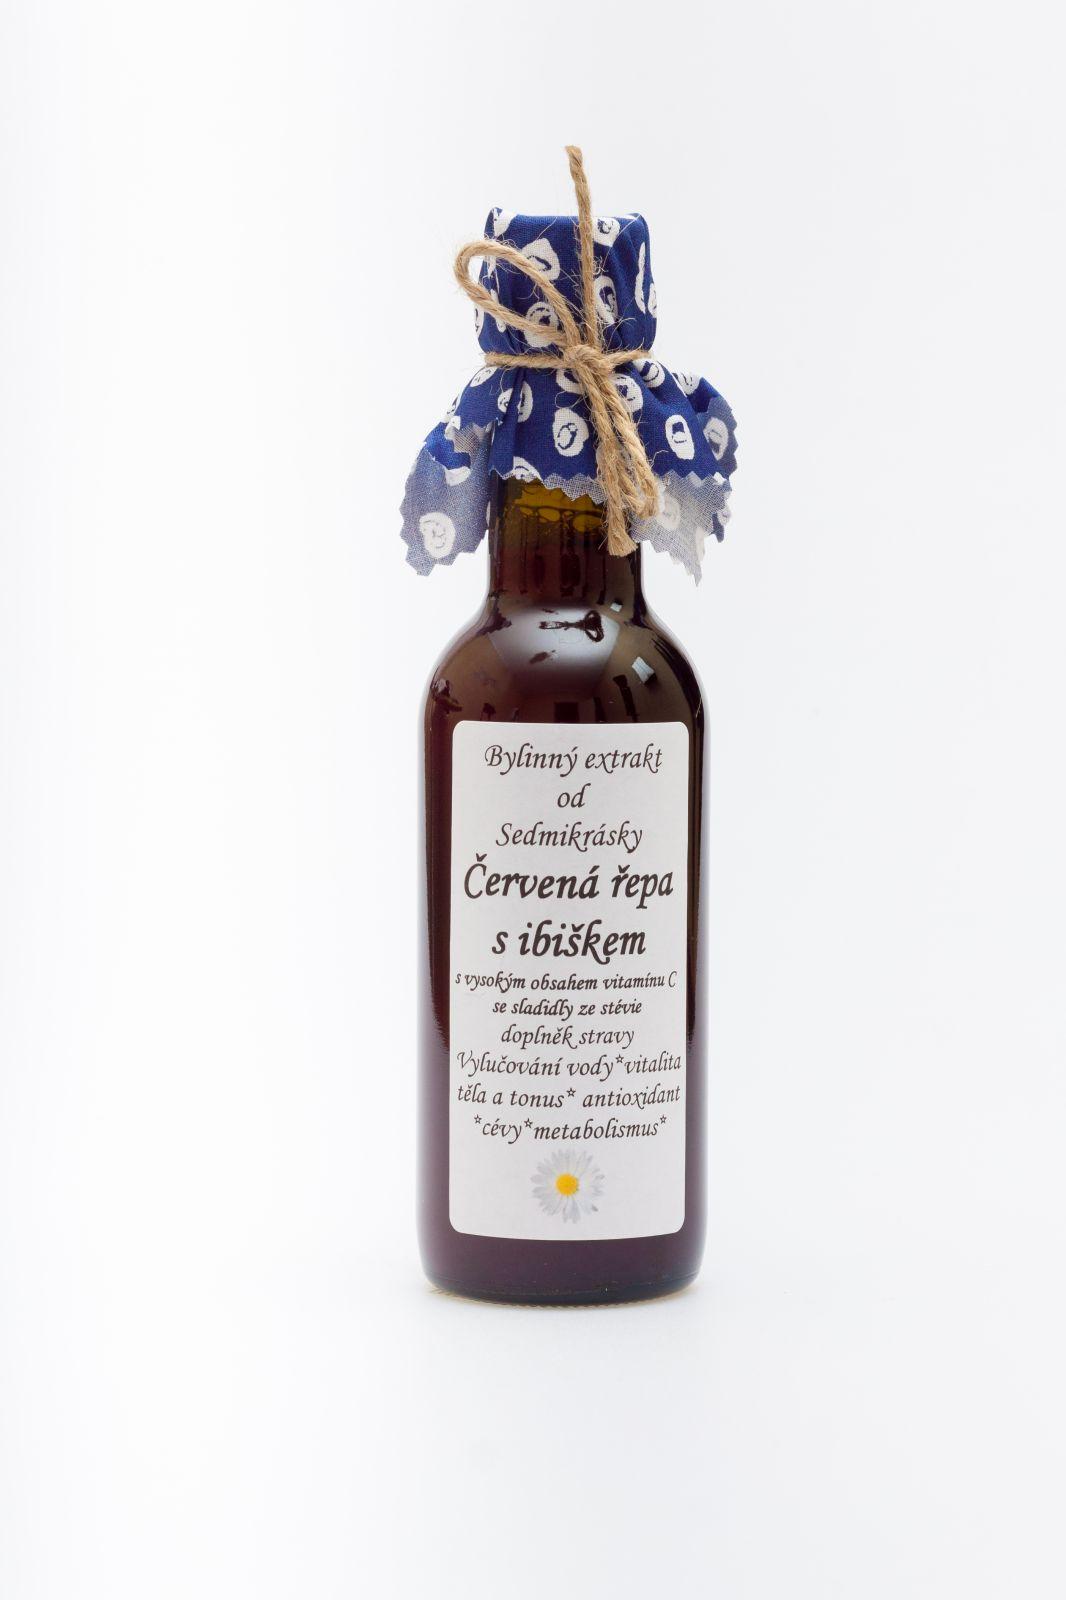 Sedmikráska bylinný extrakt Červená řepa s ibiškem 250ml vylučování vody, vitalita těla a tonus, antioxidant, cévy, metabolismus, vstřebávání železa, doplněk stravy Rodinná farma Sedmikráska